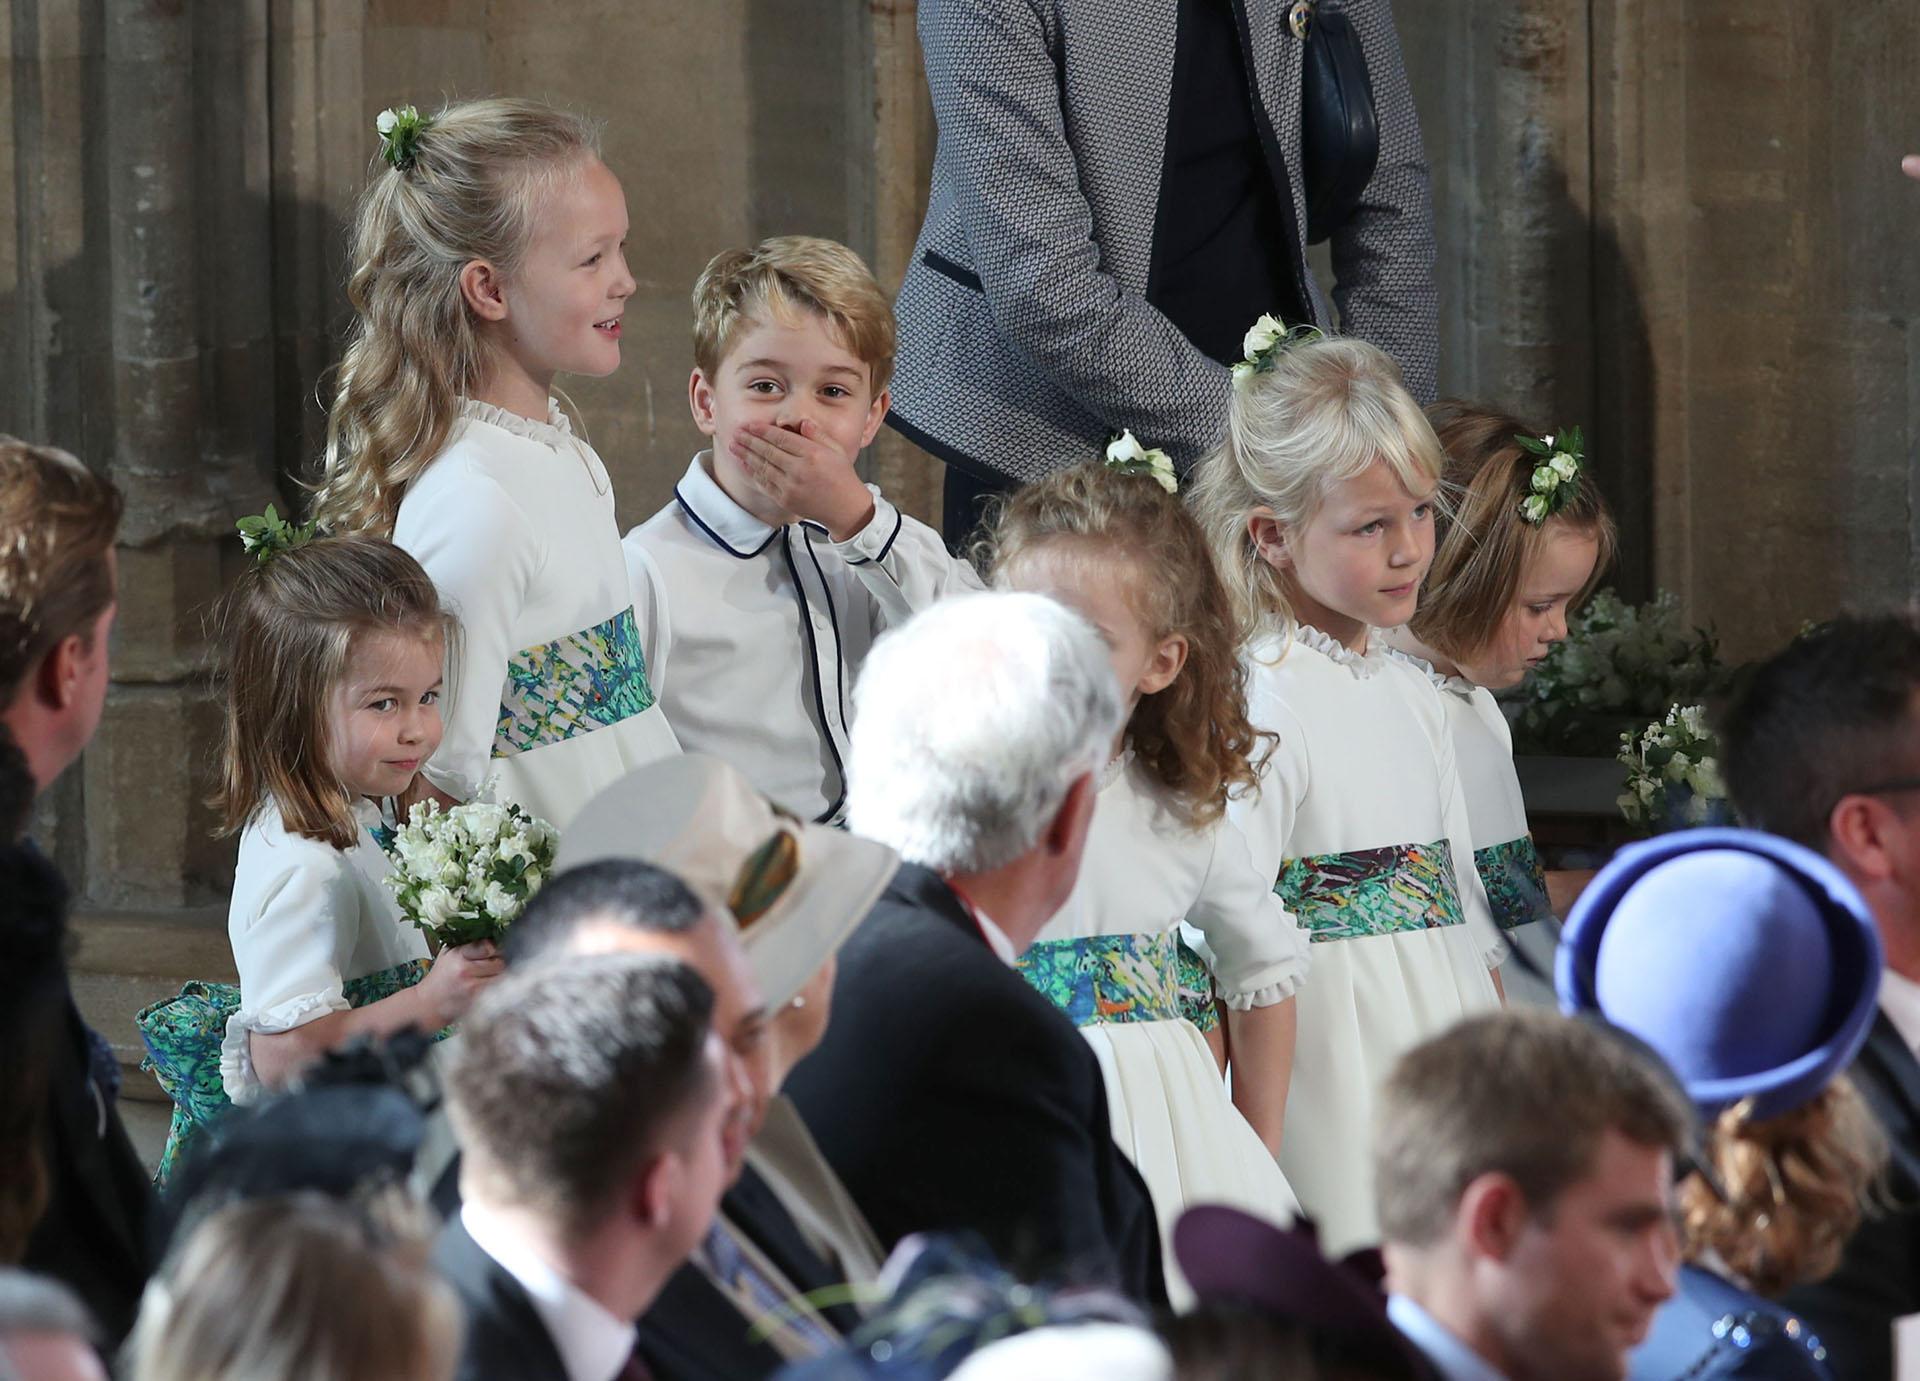 El príncipe George risueño y divertido durante la ceremonia